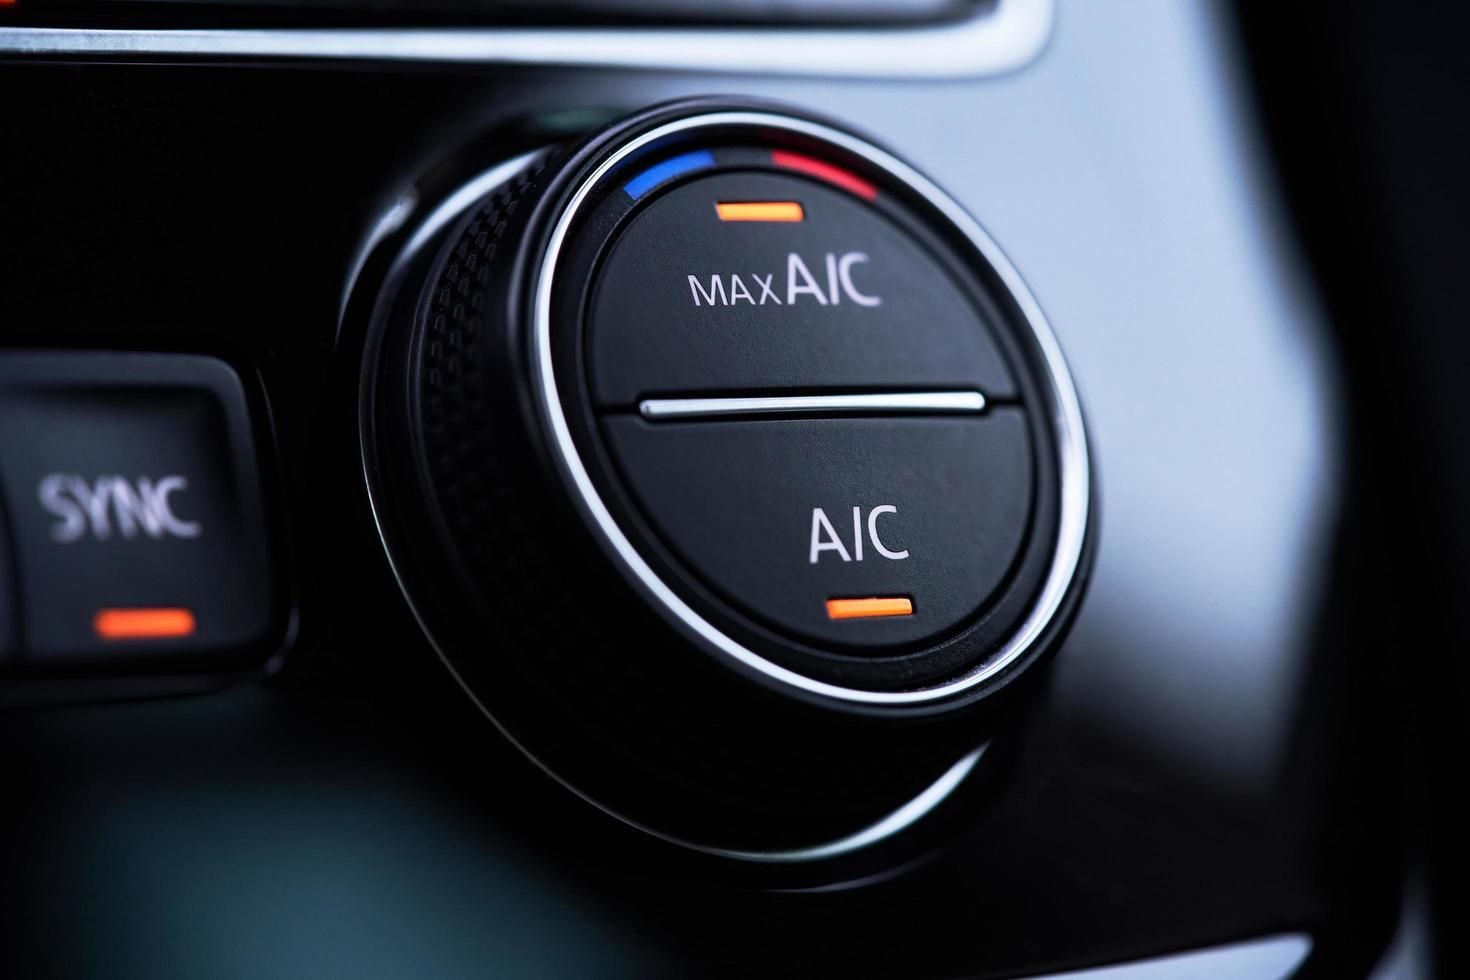 sistema de aire acondicionado del coche. aire acondicionado activado modo de máxima refrigeración foto